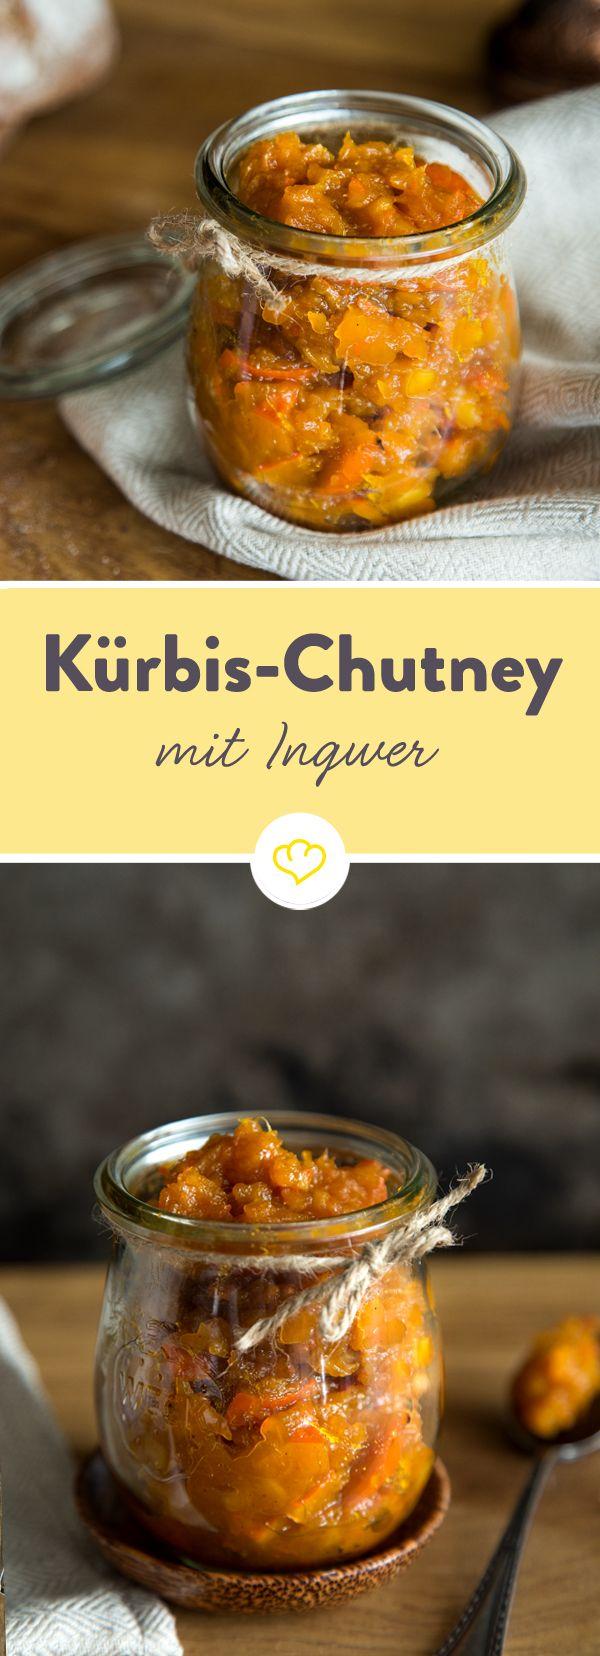 Süß-scharfes Kürbis-Orangen-Chutney mit Ingwer